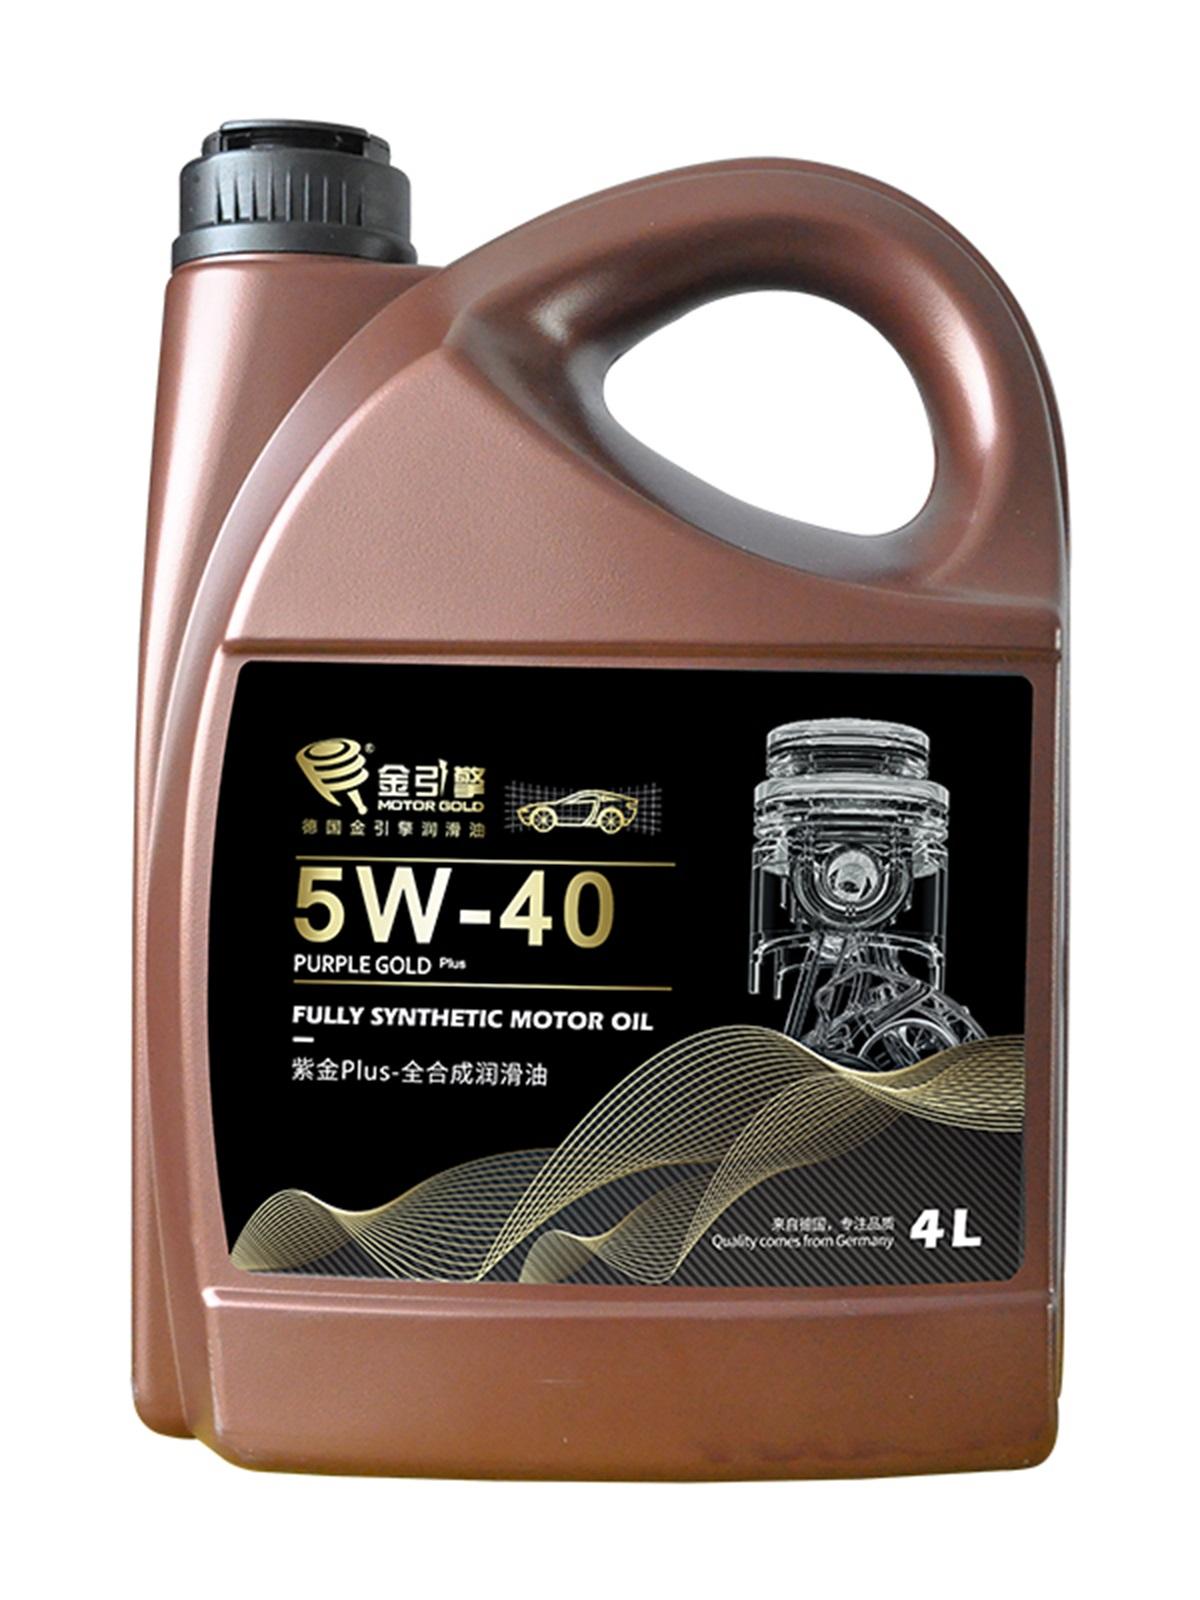 紫金Plus 5W-40 全合成易胜博注册